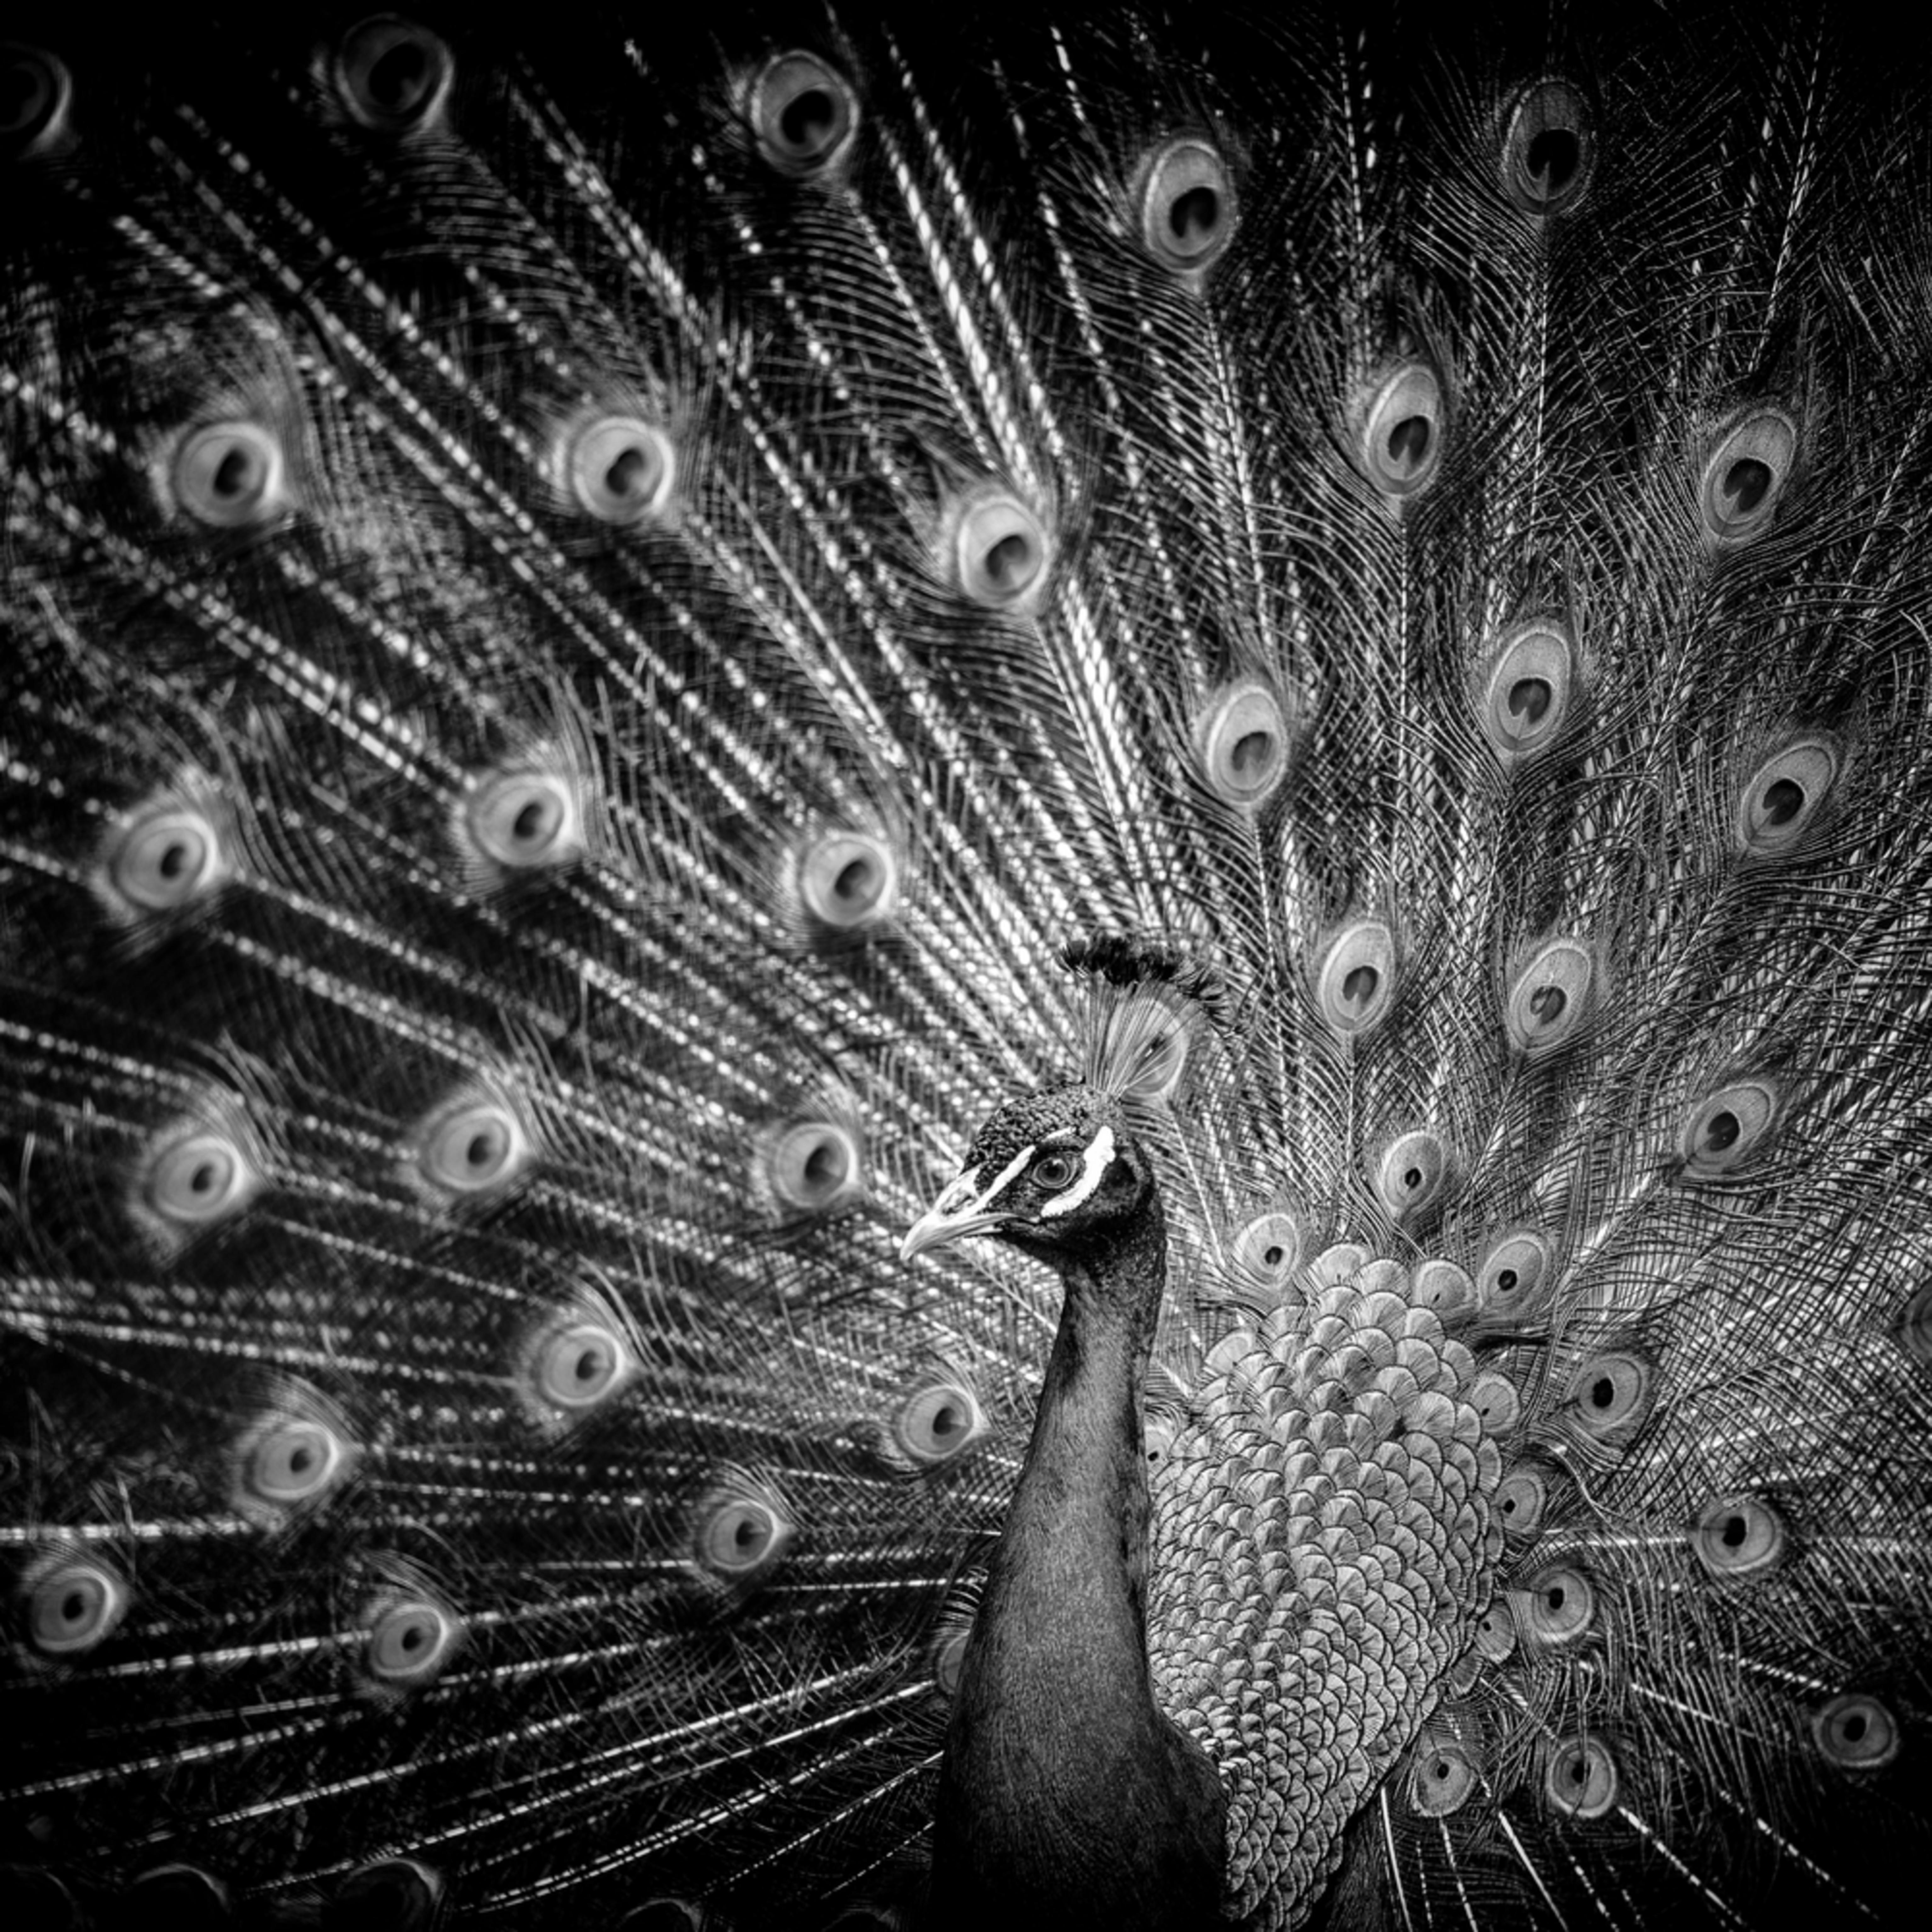 Peacock eyes b w hvjwqe